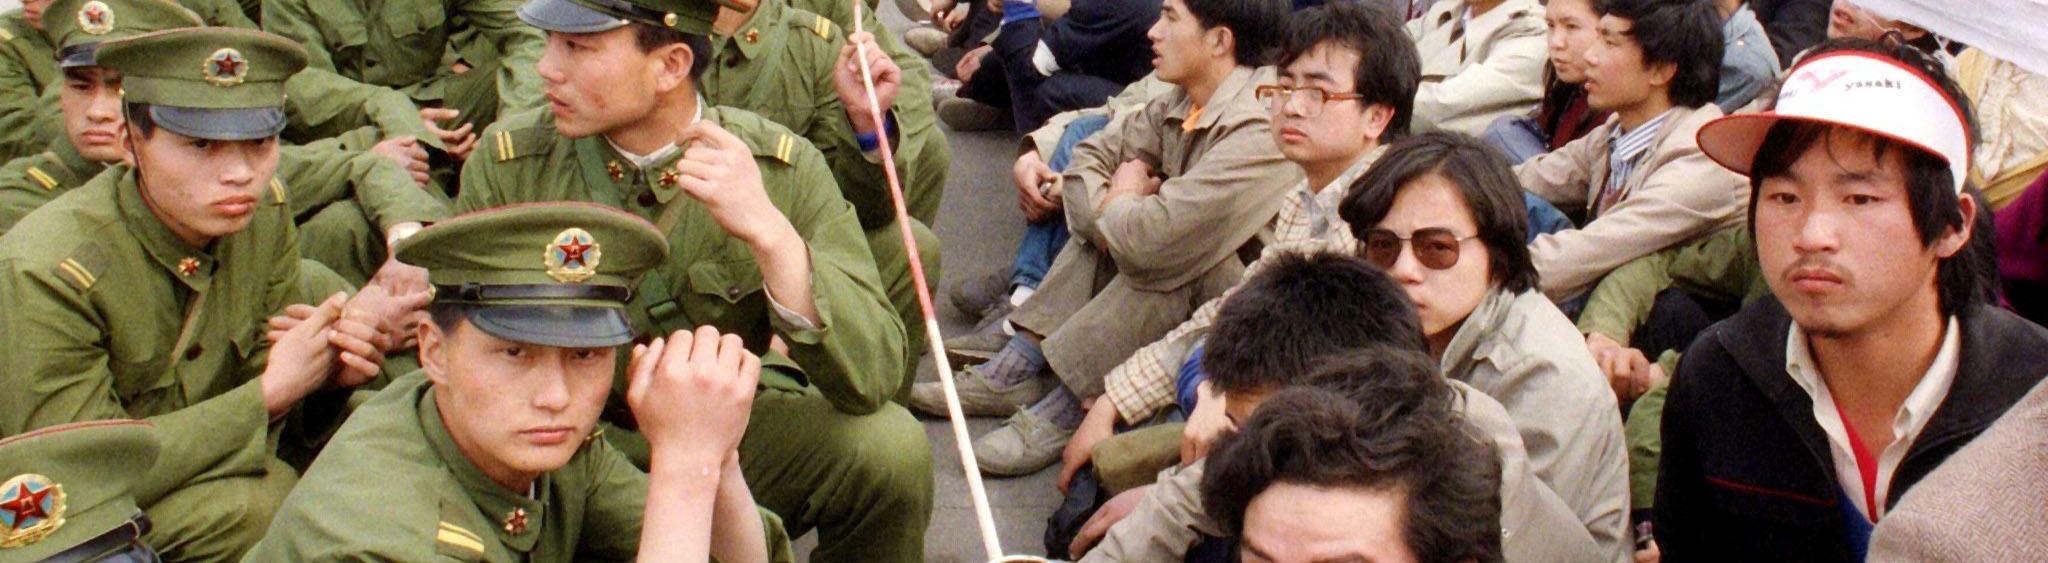 Einige hundert chinesische Studenten sitzen am 22.5.1989 vor der Großen Halle des Volkes in Peking einer Polizeieinheit gegenüber. Die Studenten hatten an einer nicht genehmigten Kundgebung anläßlich der Trauerfeier für den in Ungnade gefallenen Chef der Kommunistischen Partei Chinas, Hu Yaobang, teilgenommen. Am 4. Juni 1989 wurden die wochenlangen Proteste gegen Korruption und für mehr Demokratie durch den Einsatz von Militär blutig beendet. Bei dem grauenvollen Massaker am Platz des Himmlischen Friedens starben unzählige Menschen. Die genaue Zahl der Opfer bleibt unbekannt, soll aber um die eintausend betragen.